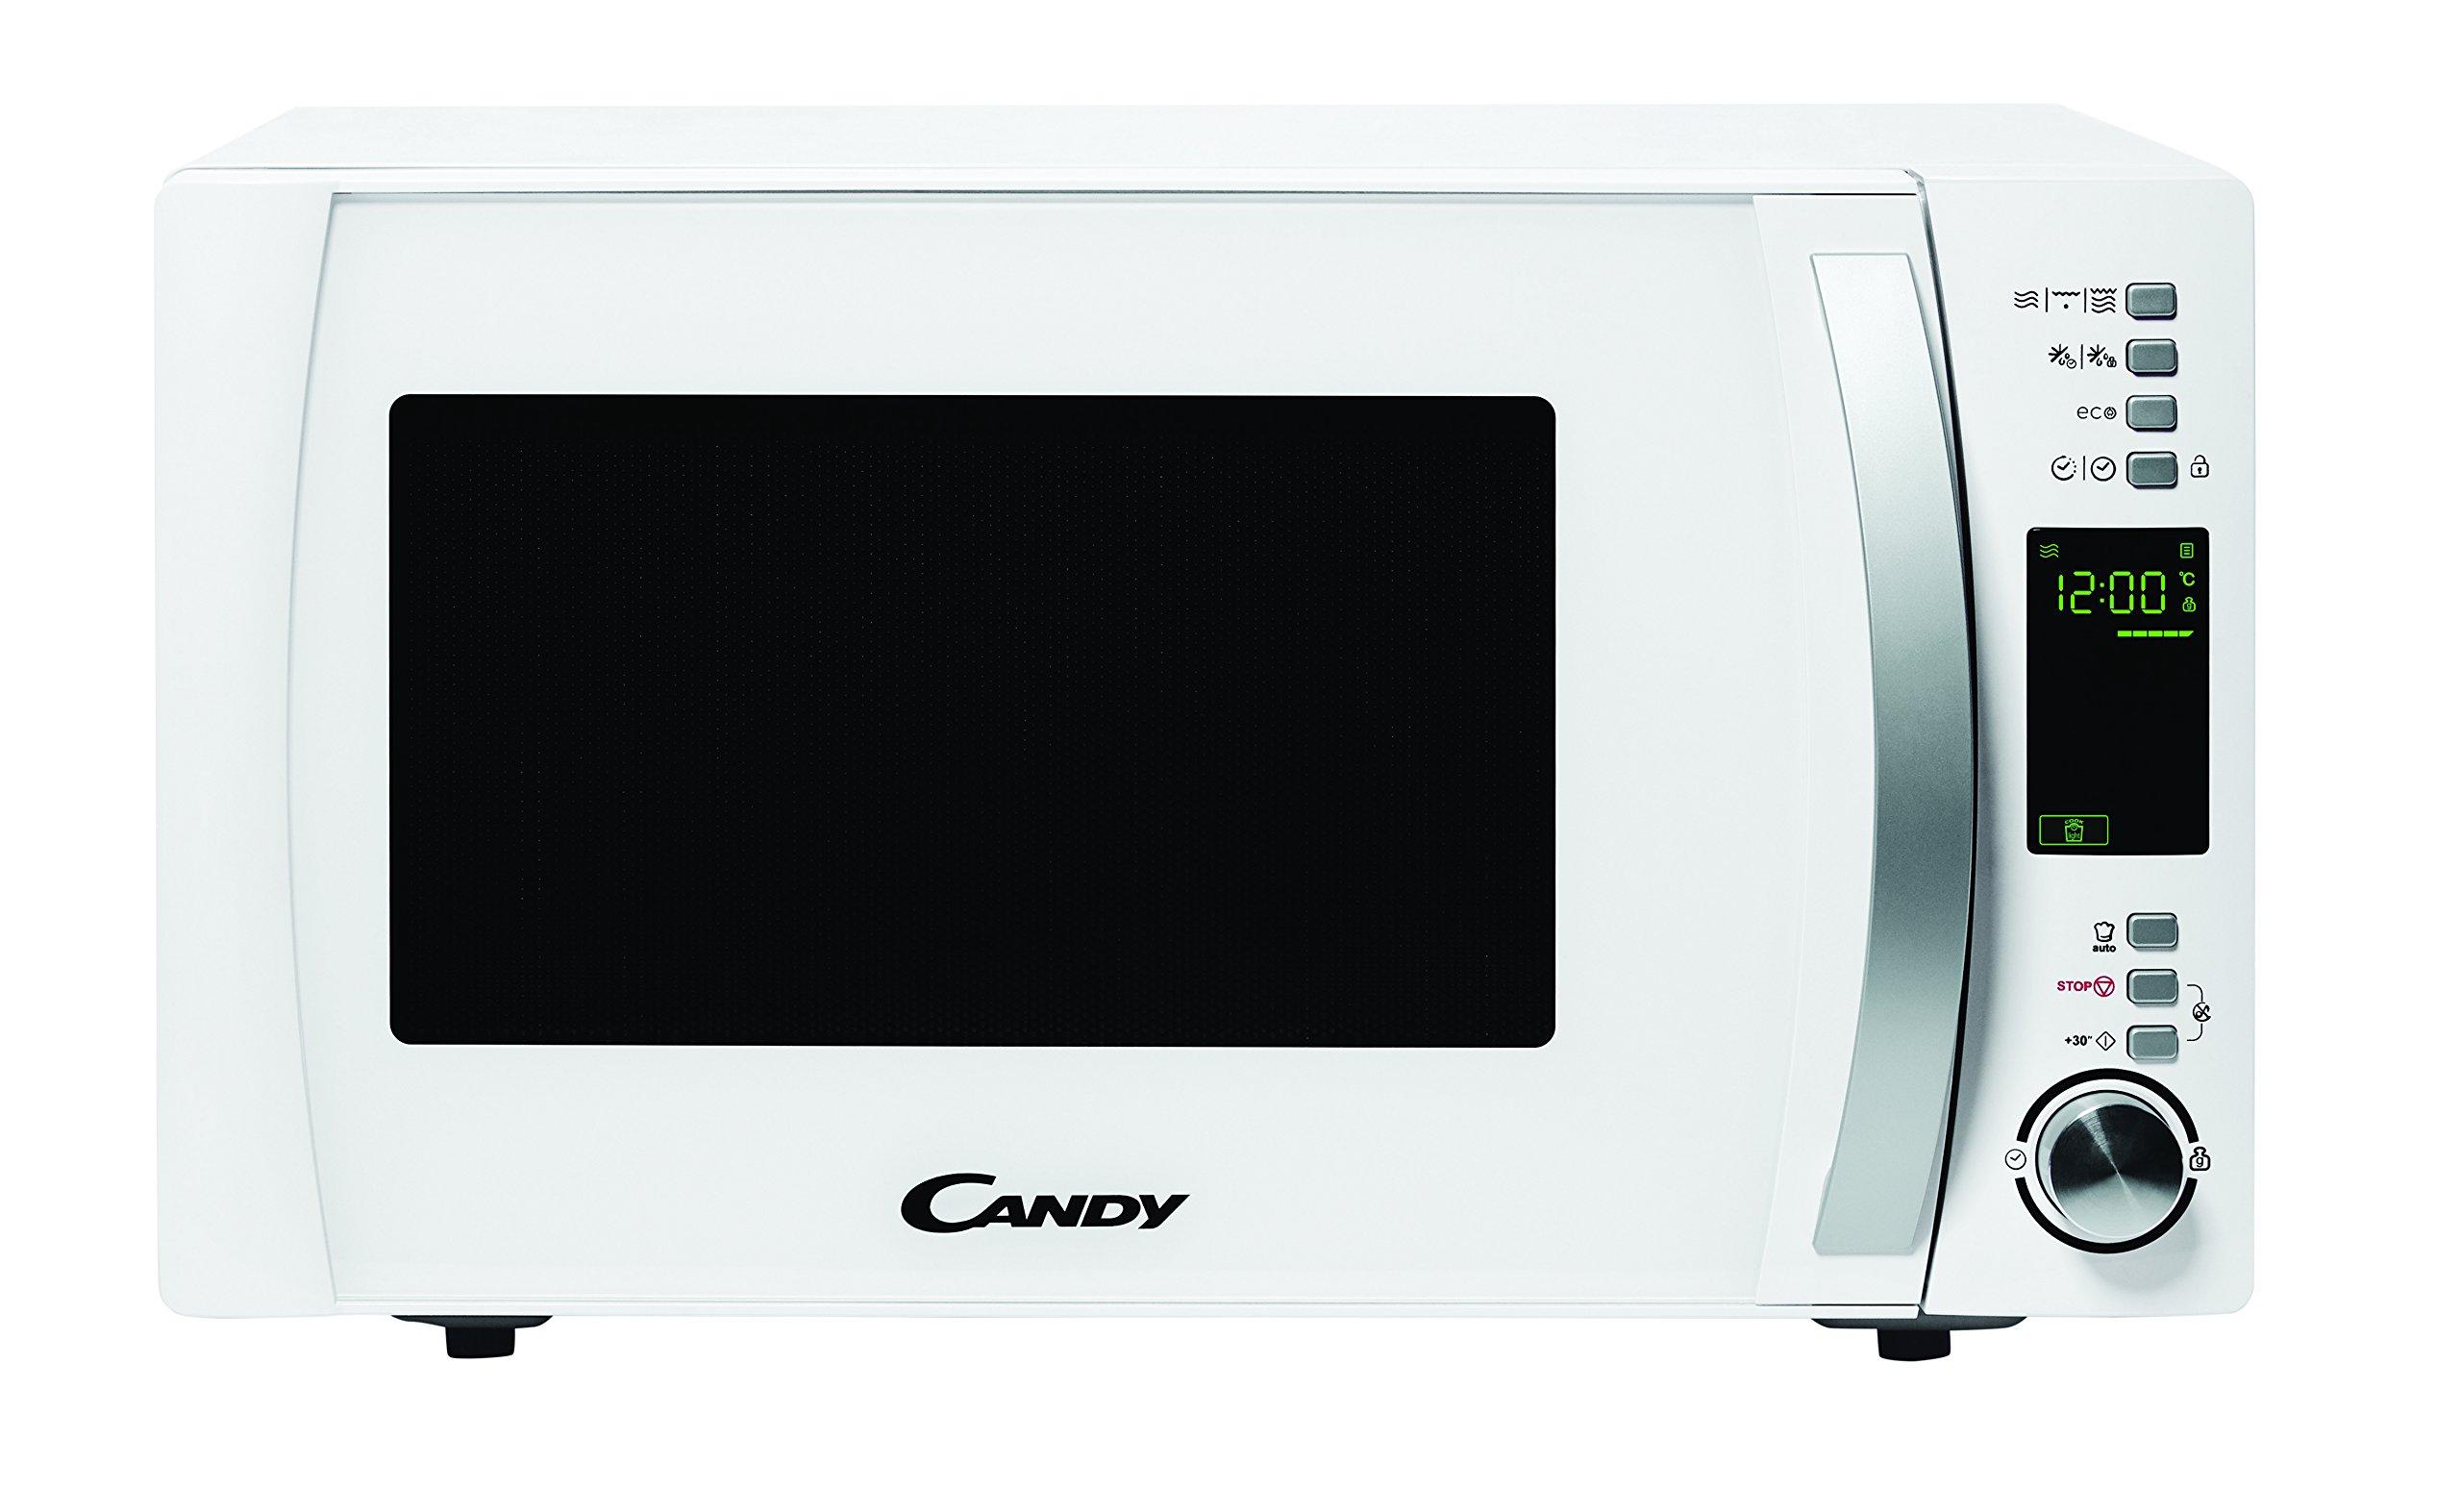 Candy CMXG 25DCW-Microondas con Grill y Cook In App, 40 Programas Automáticos, 900 W, 25 L, Blanco, 25 litros product image